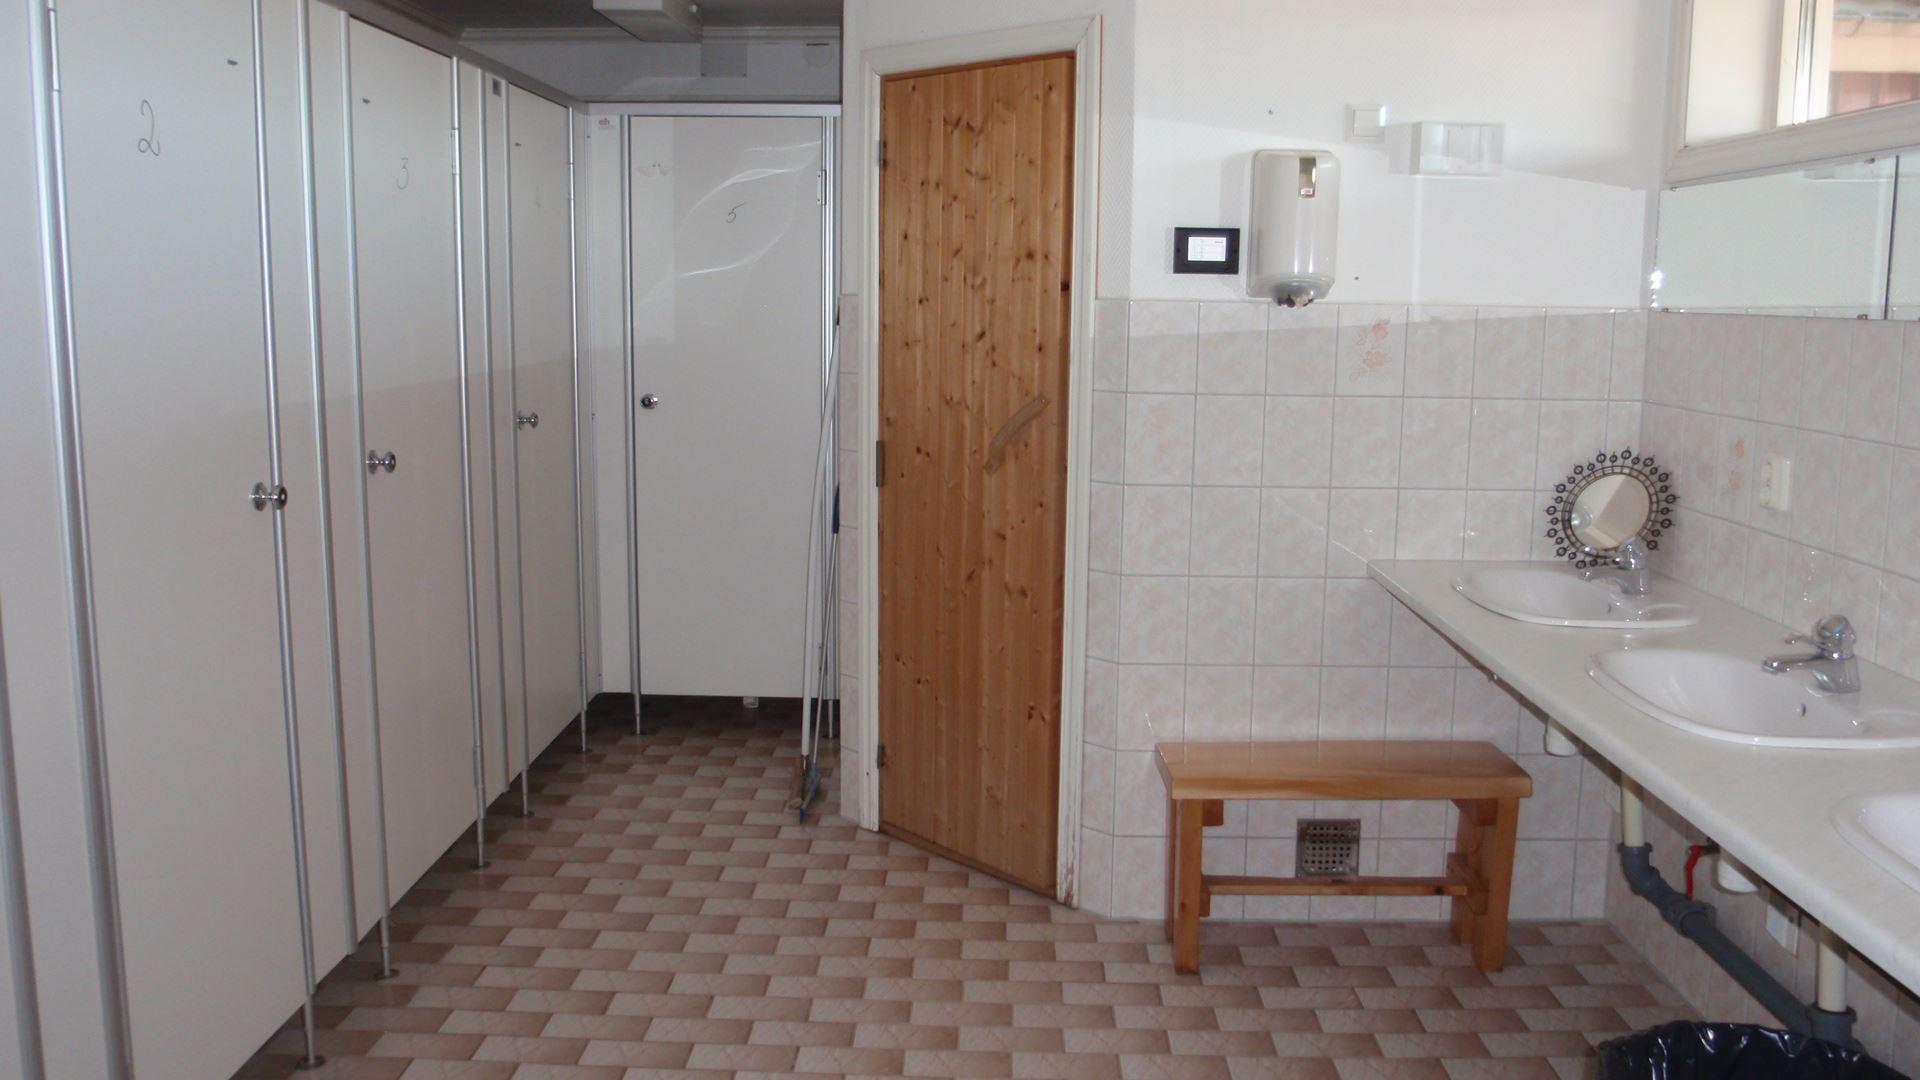 Åsleröds Hostel